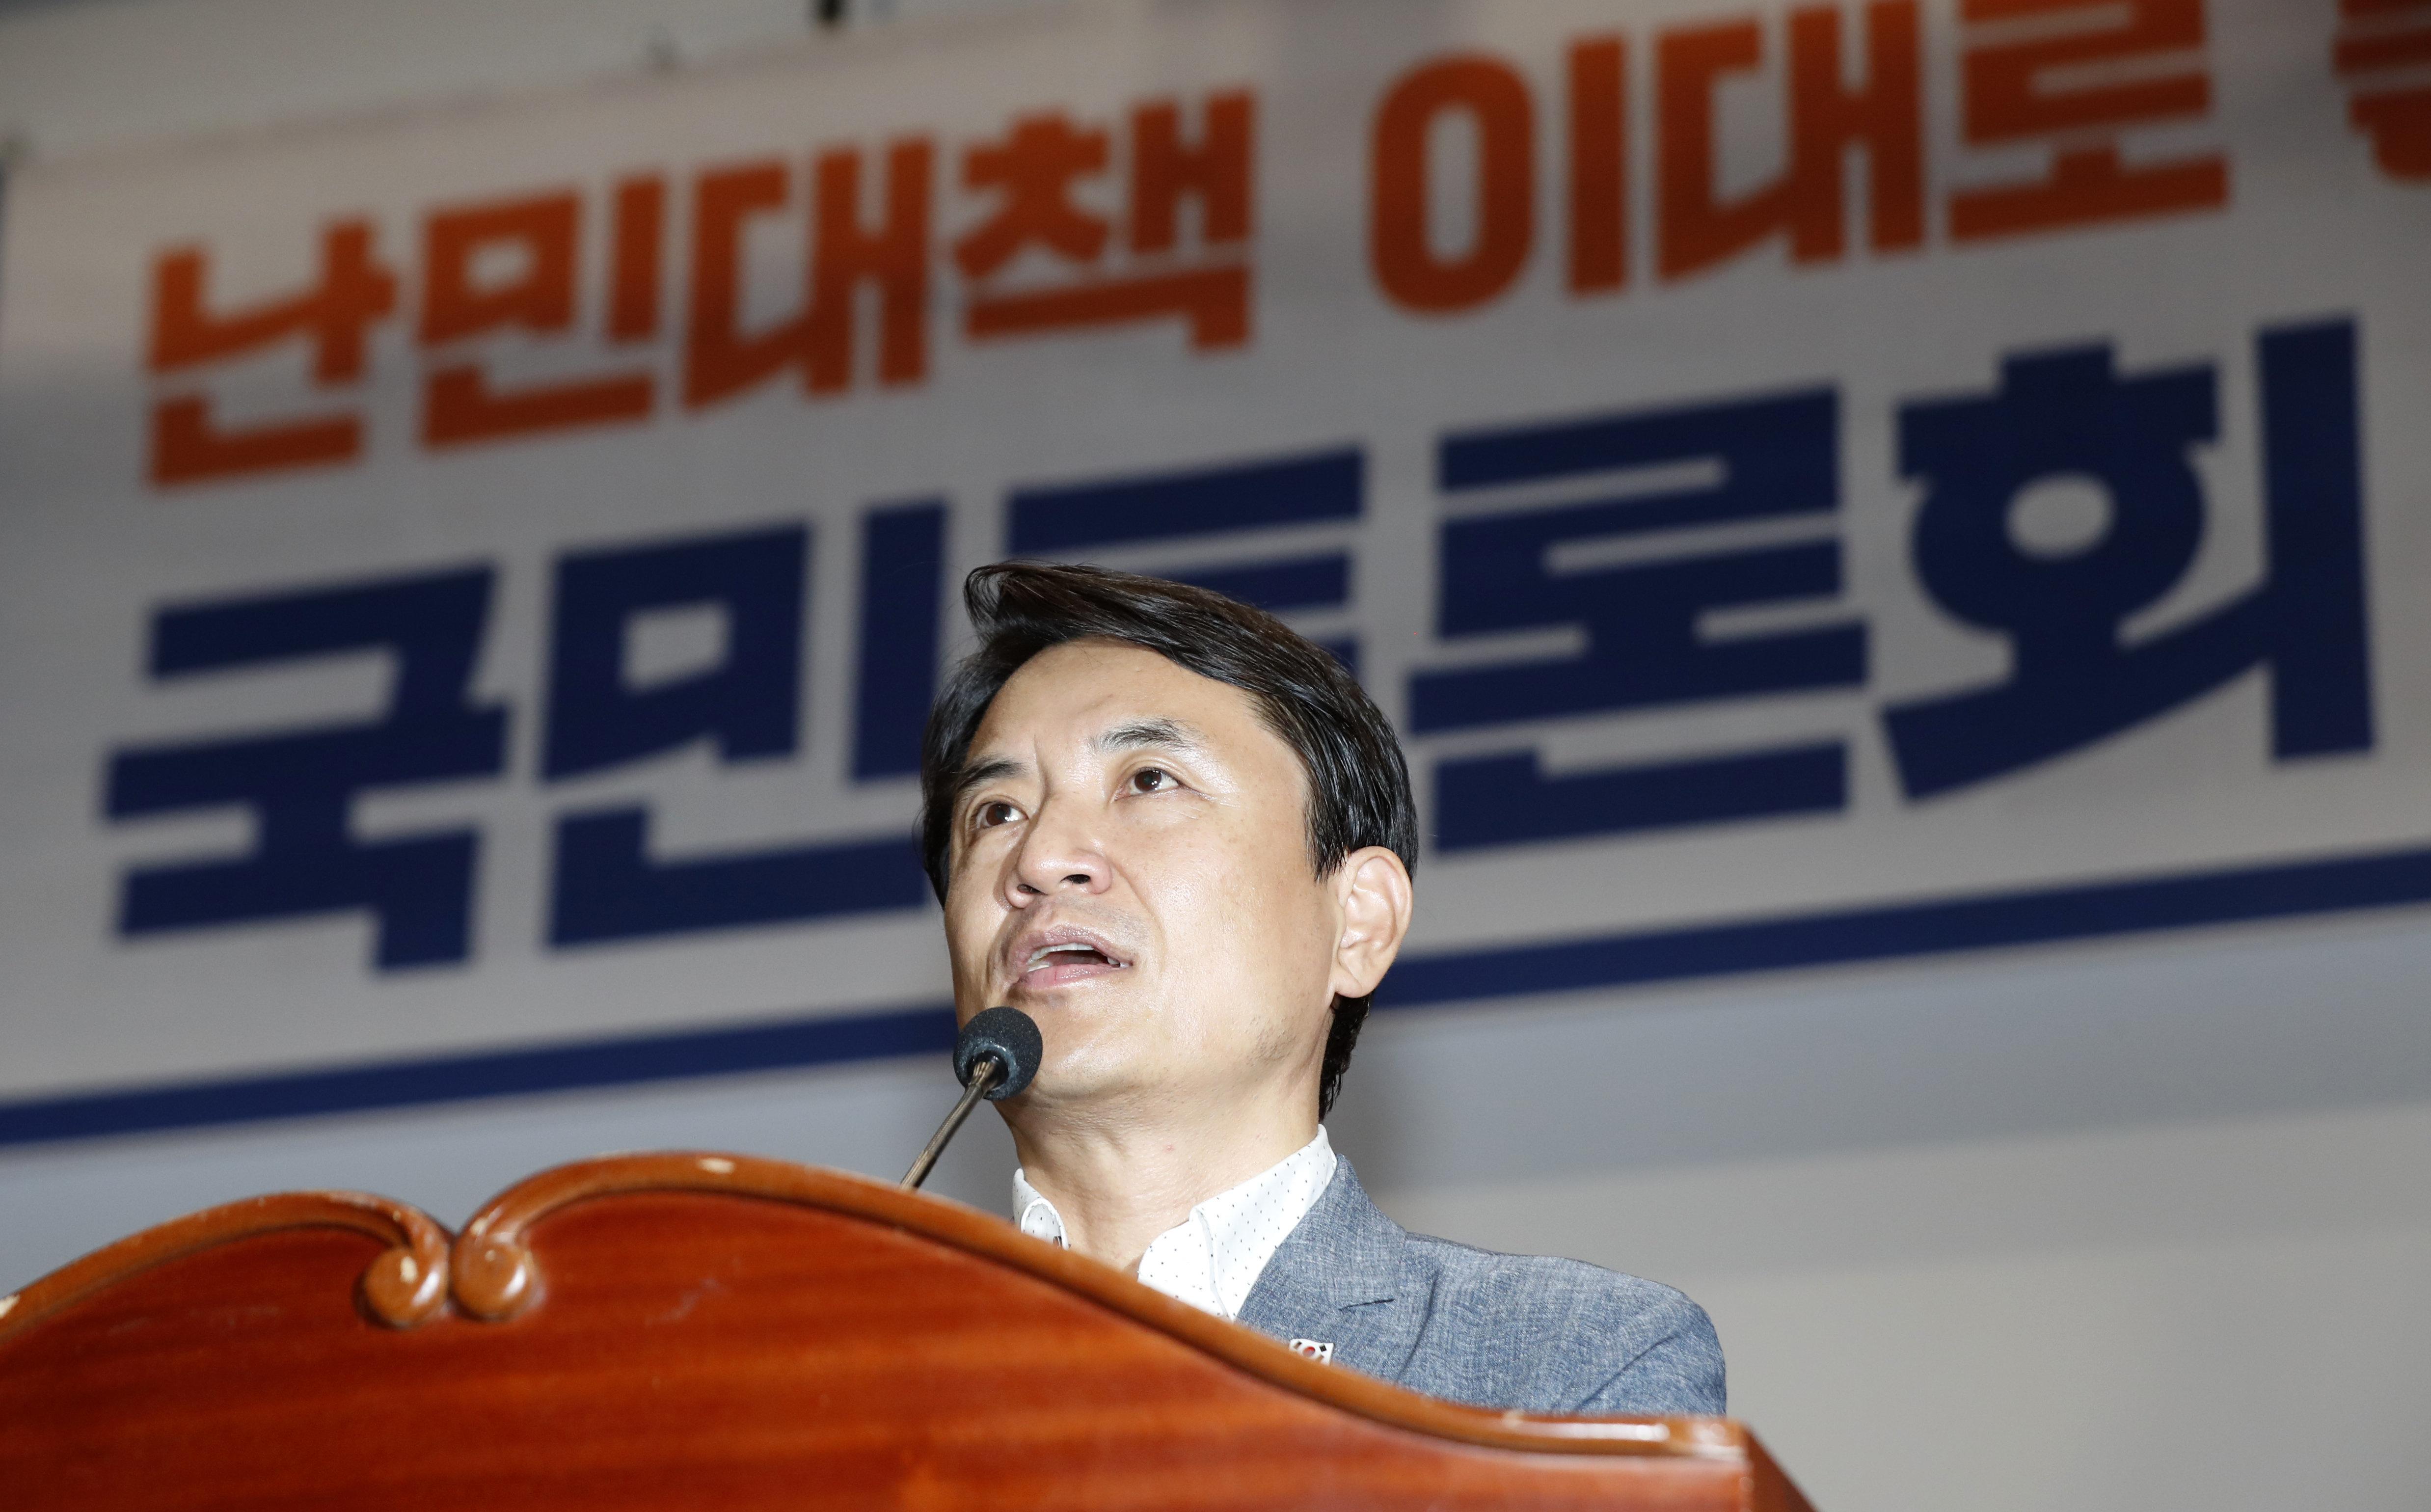 김진태 의원이 난민법 토론회를 열었고 이런 말들이